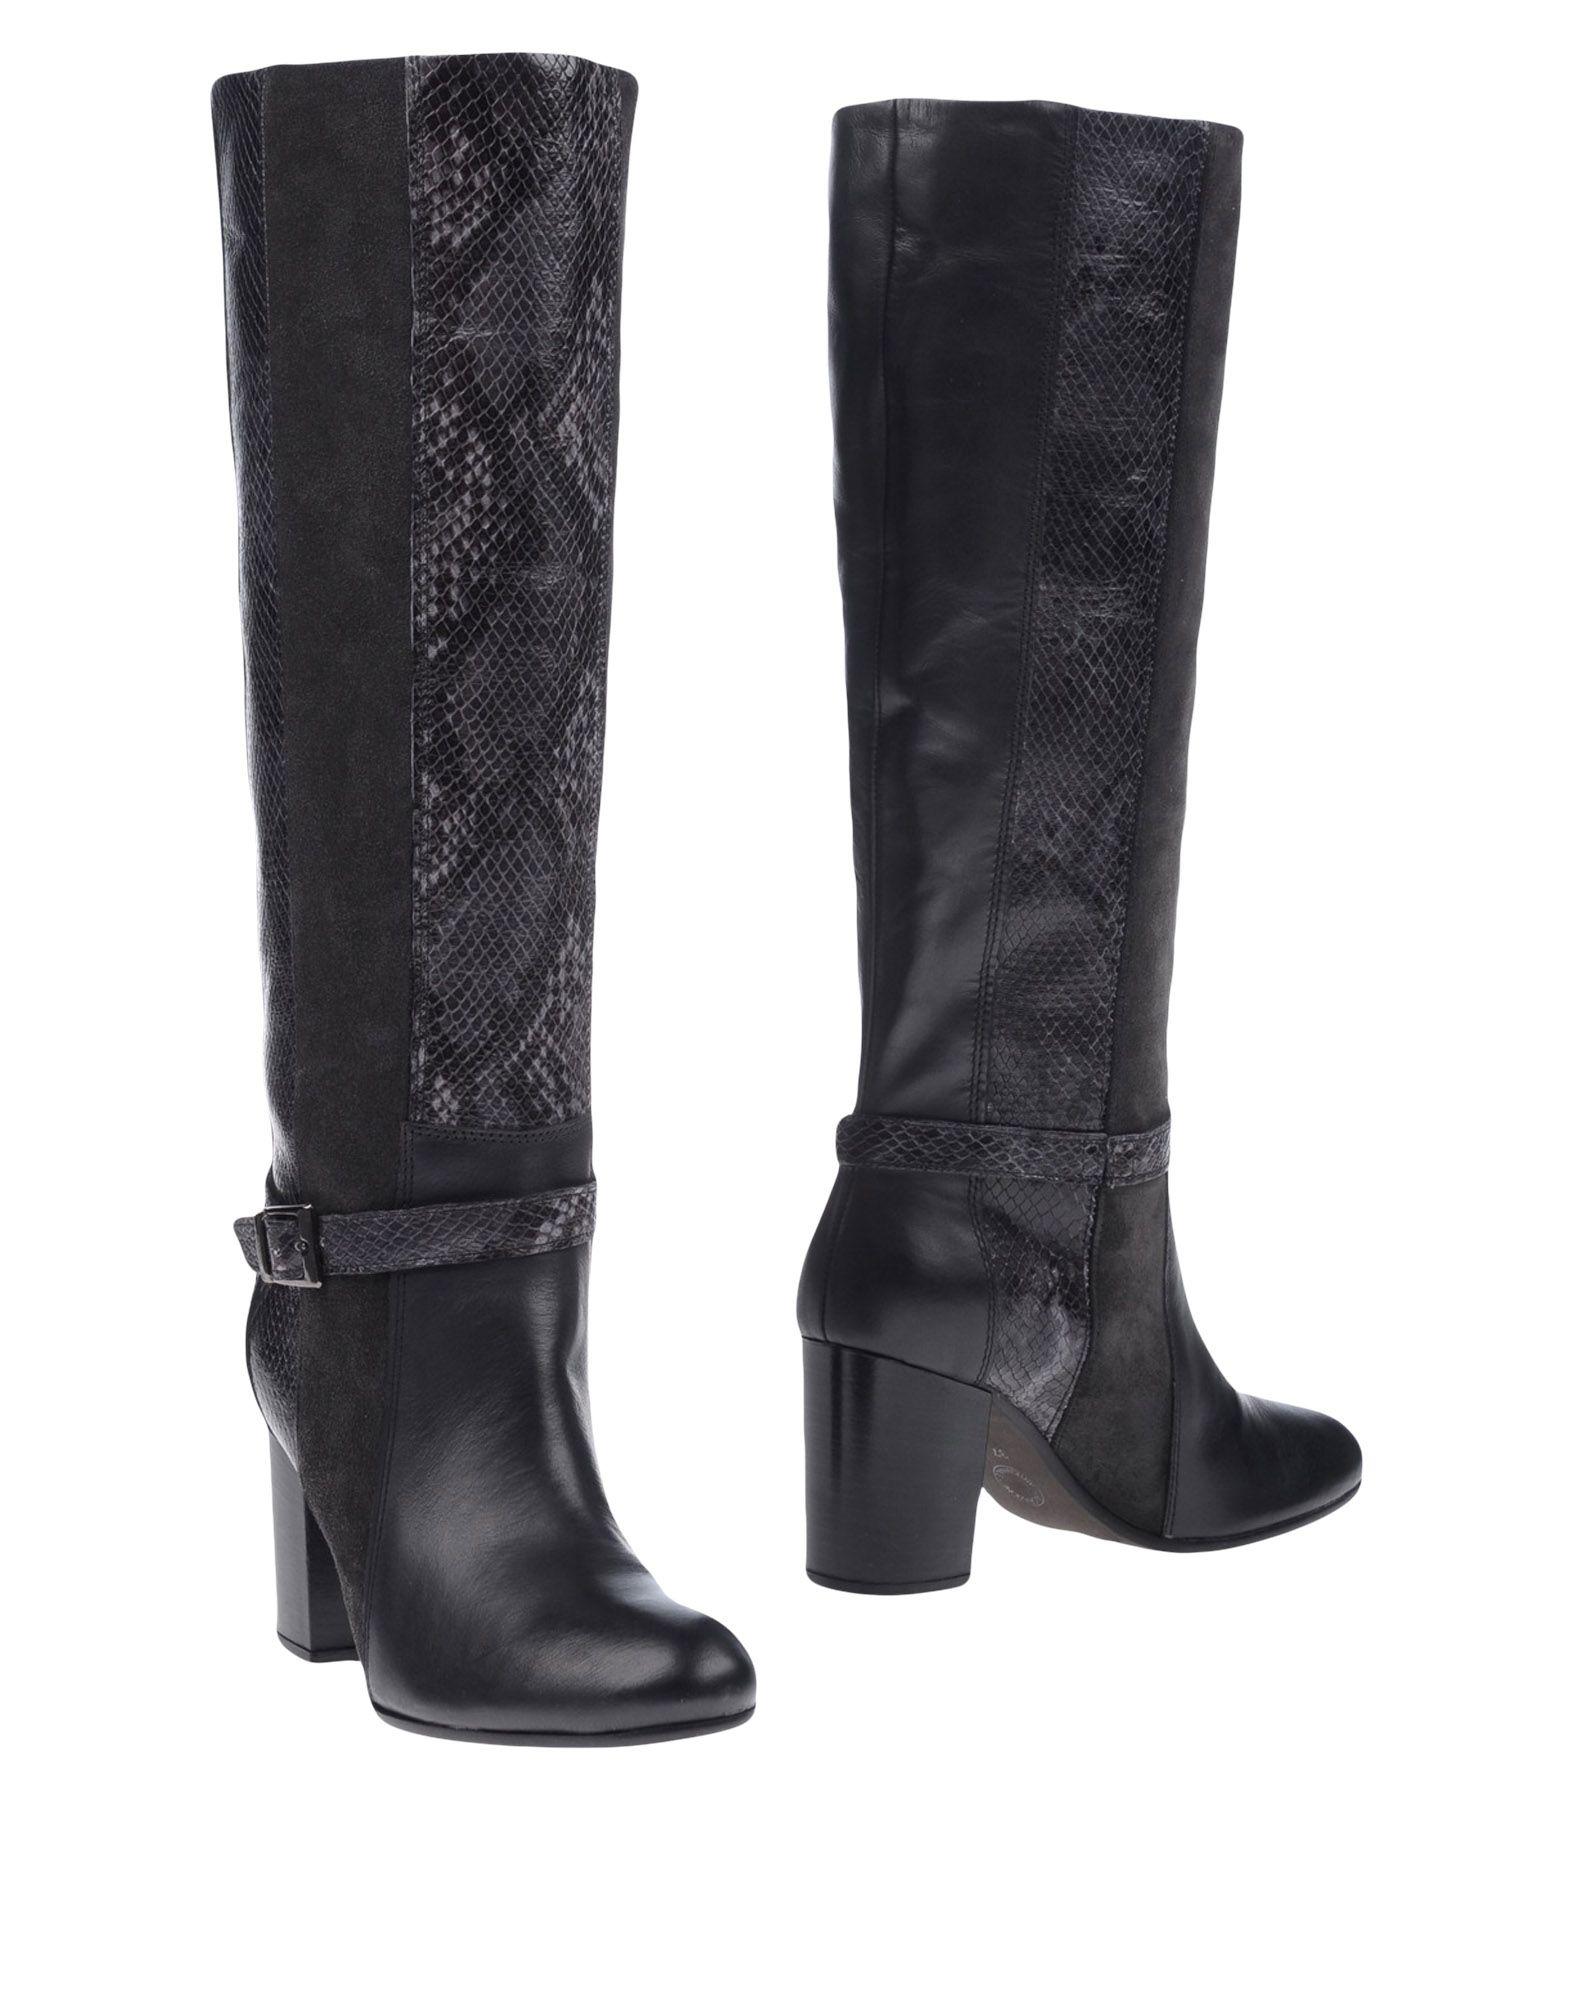 Bagatt Stiefel Damen  11294092LR Gute Qualität beliebte Schuhe